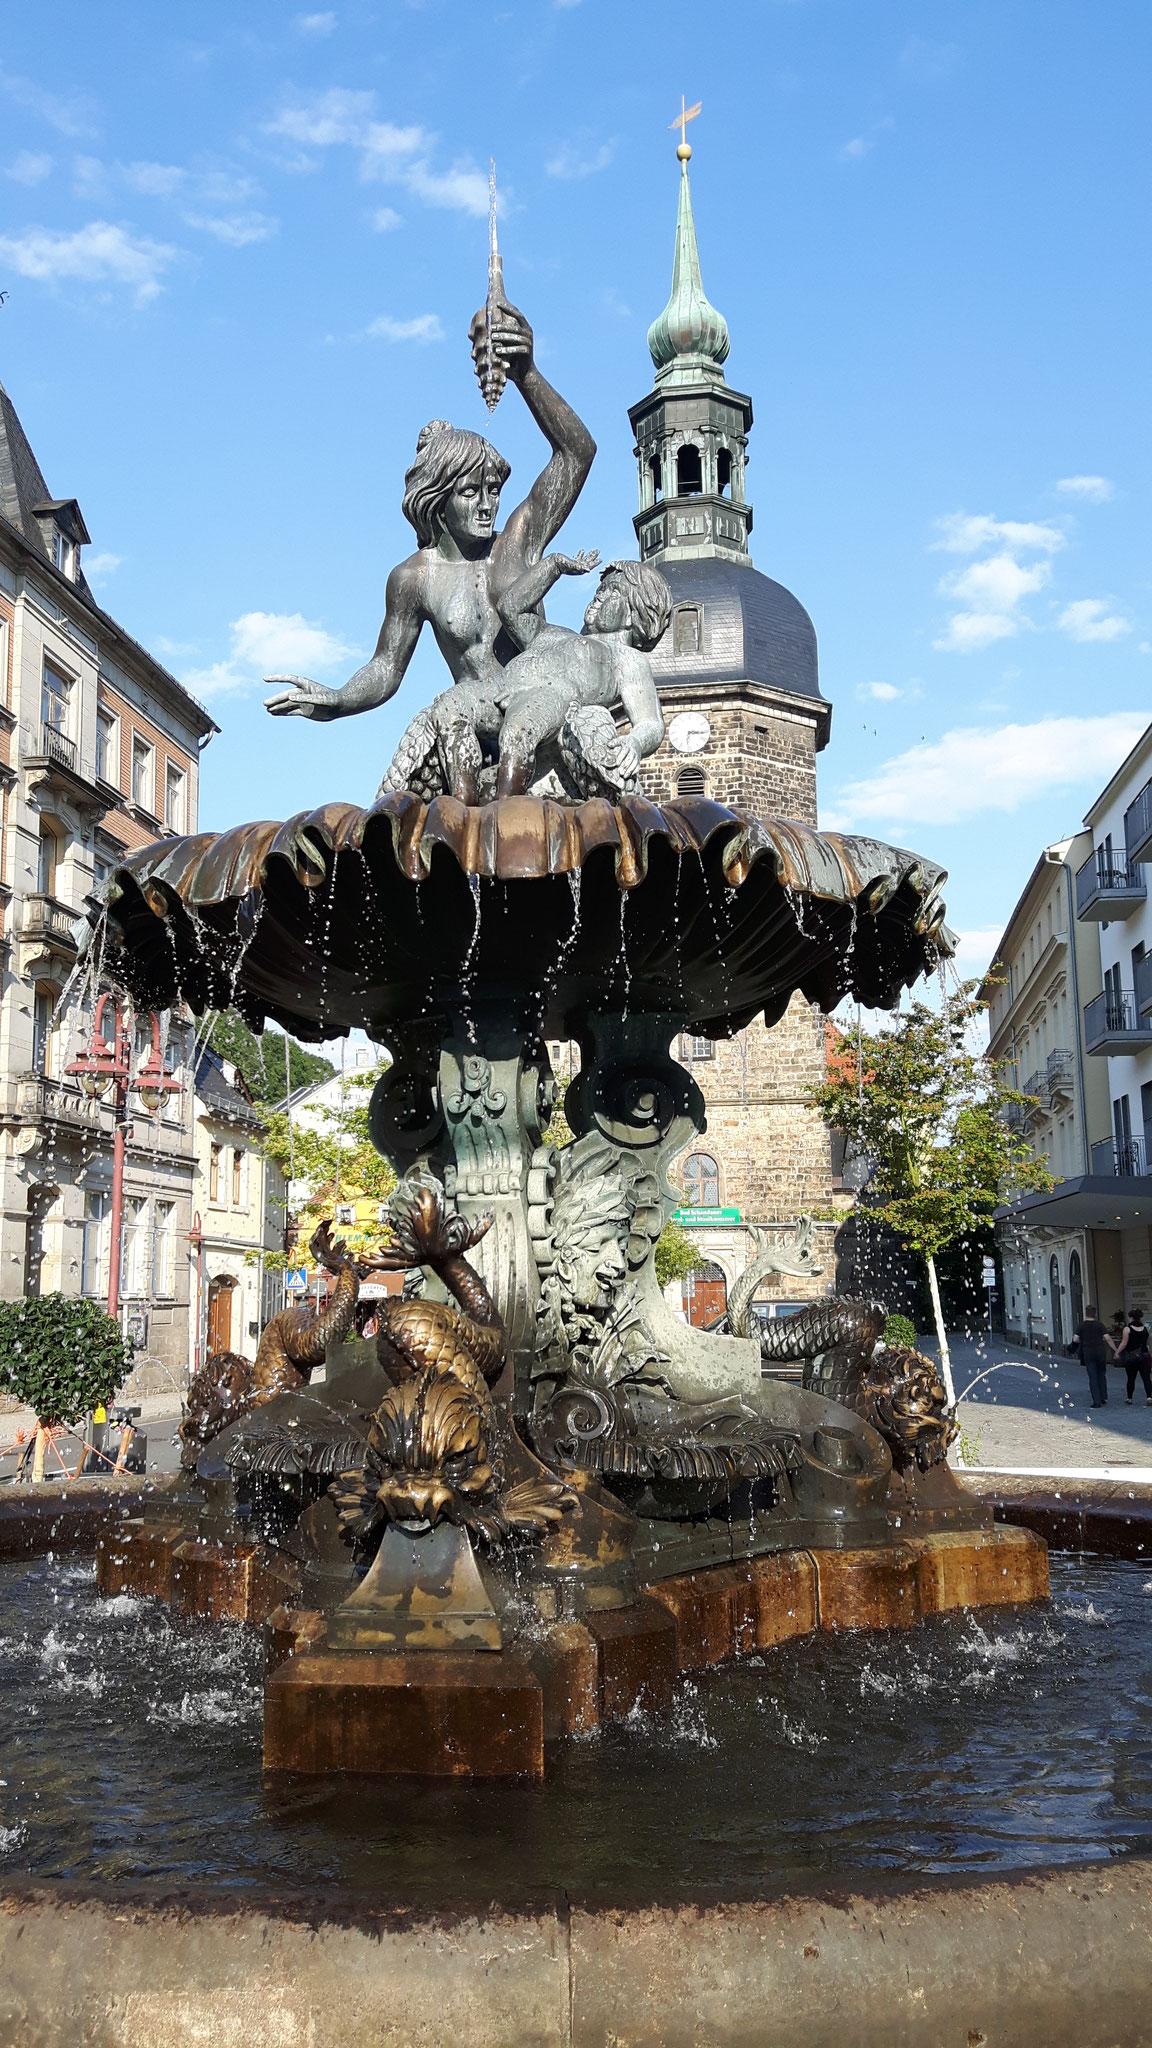 Sendigbrunnen auf dem Markt